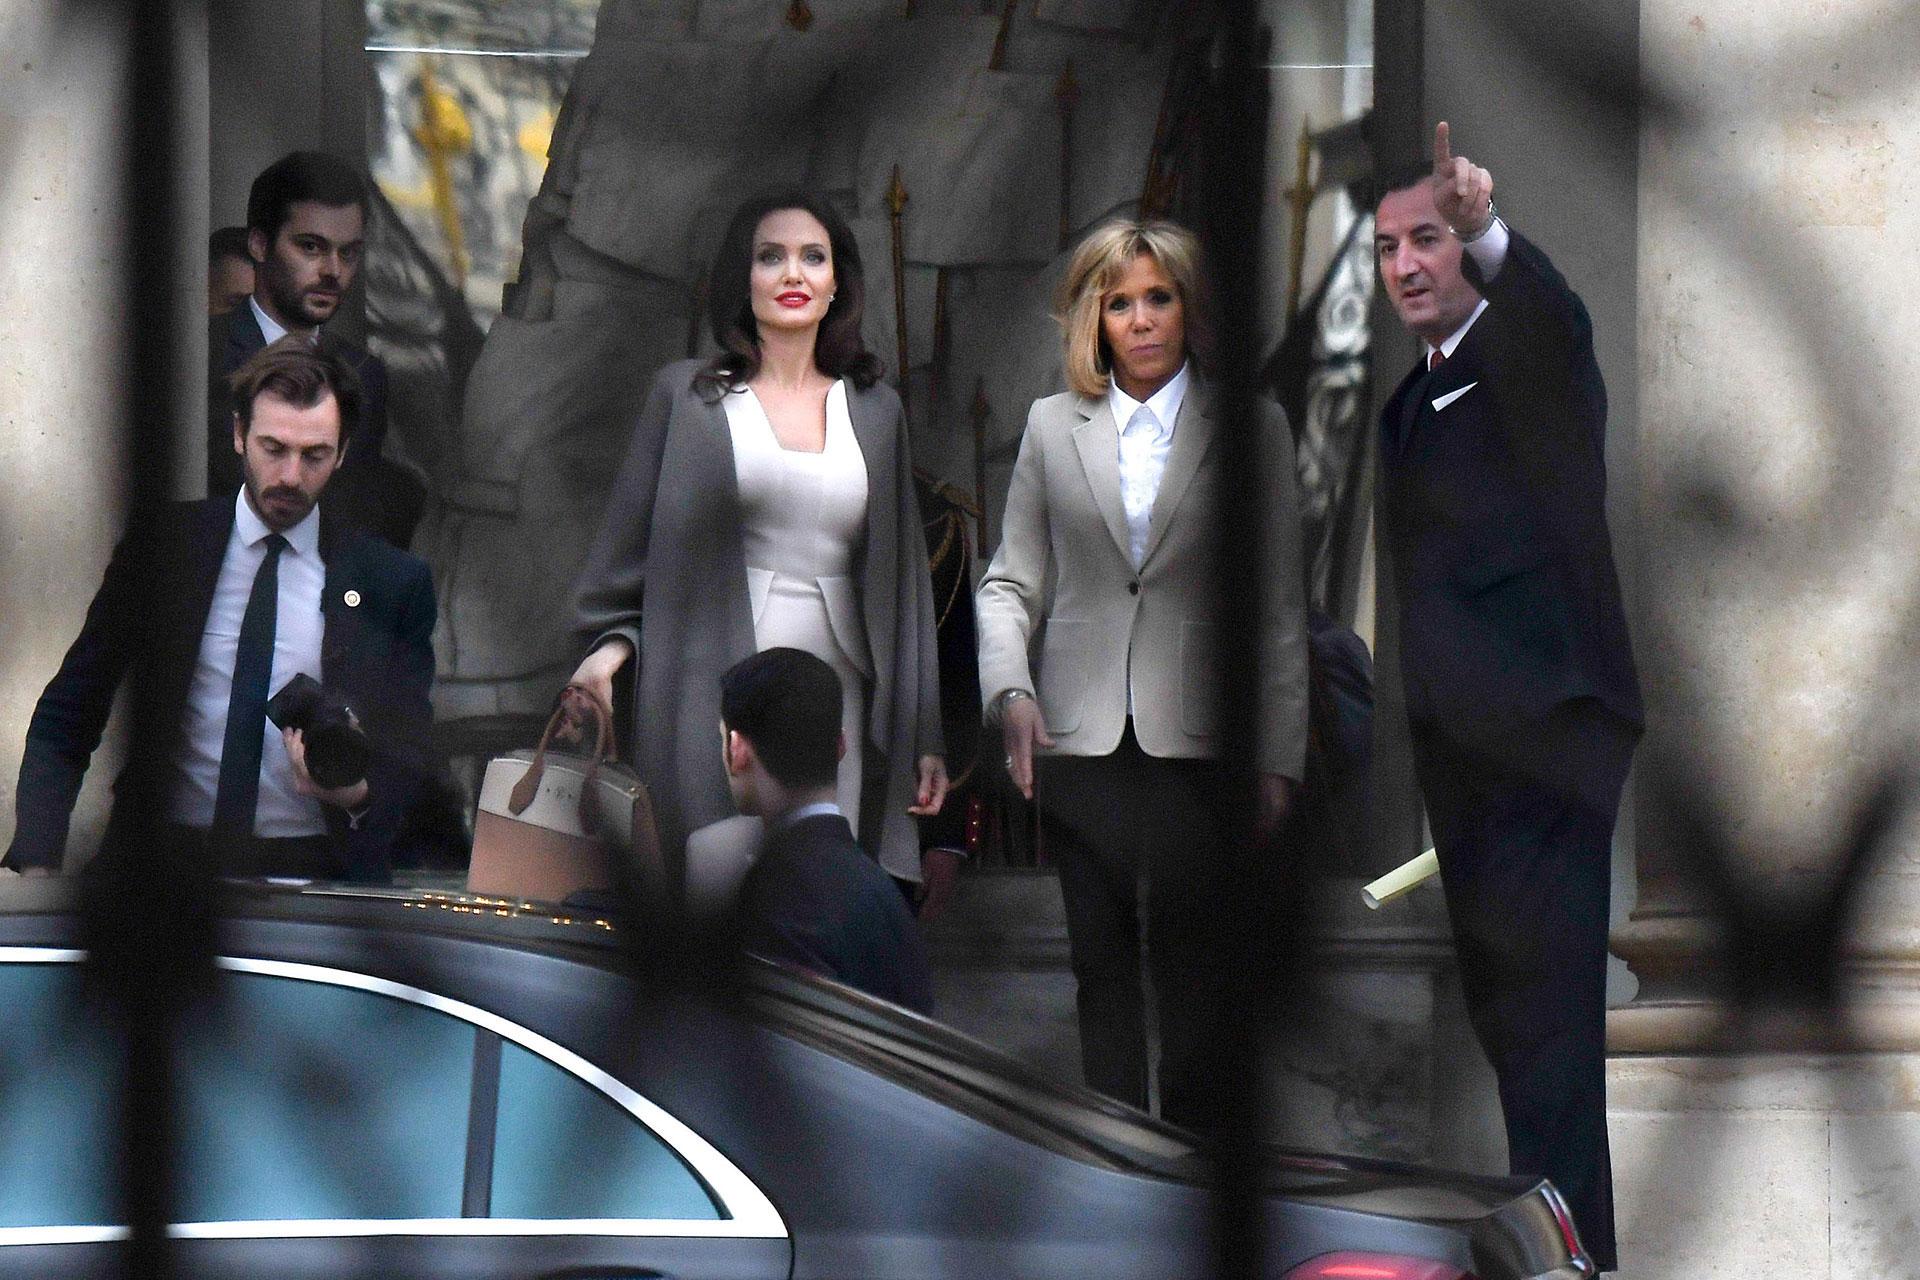 Fiel a su estilo, Brigitte Macron se decantó por un estilismo formal pero moderno